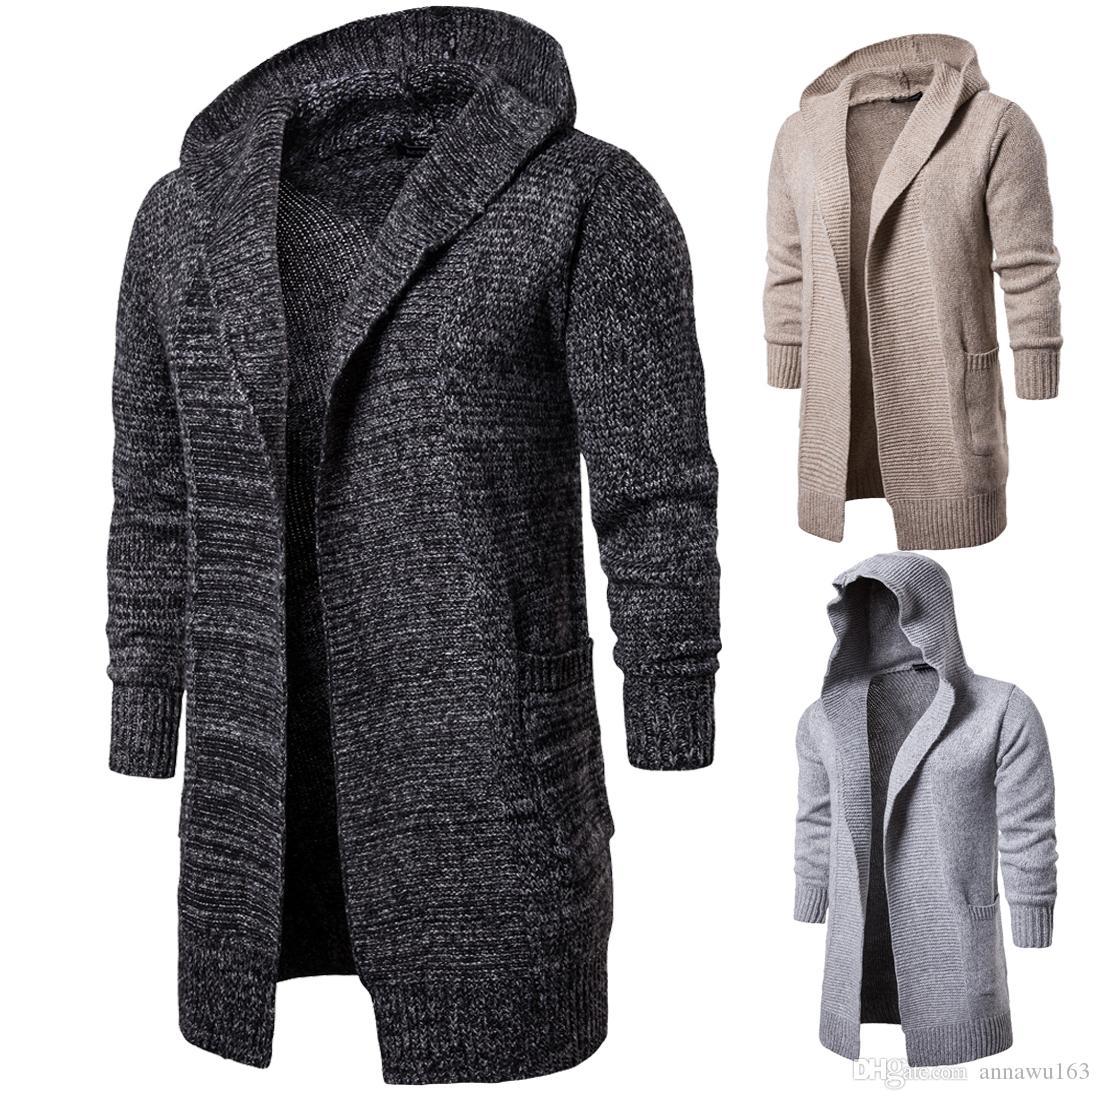 Новые моды кардиган Мень V-образный вырез Длинный свитер с капюшоном хлопка высокого качества Смешать Вязаная зима Mens свитер для продаж